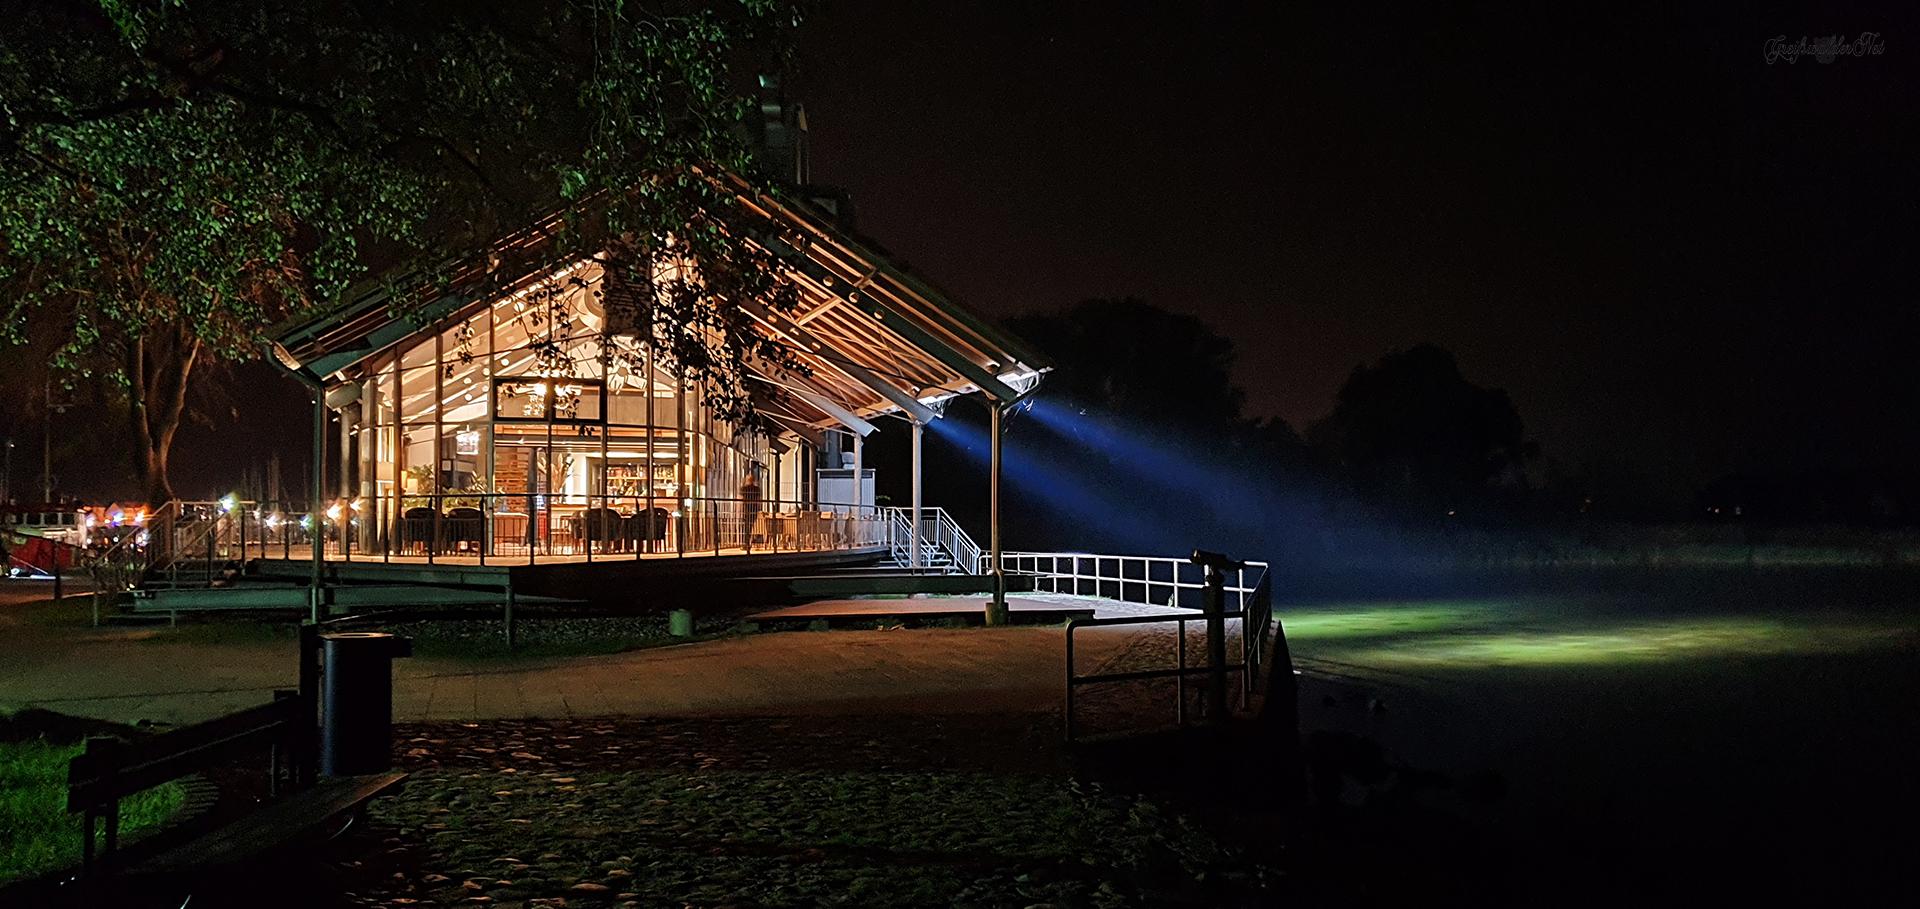 Utkiek in Greifswald-Wieck bei Nacht